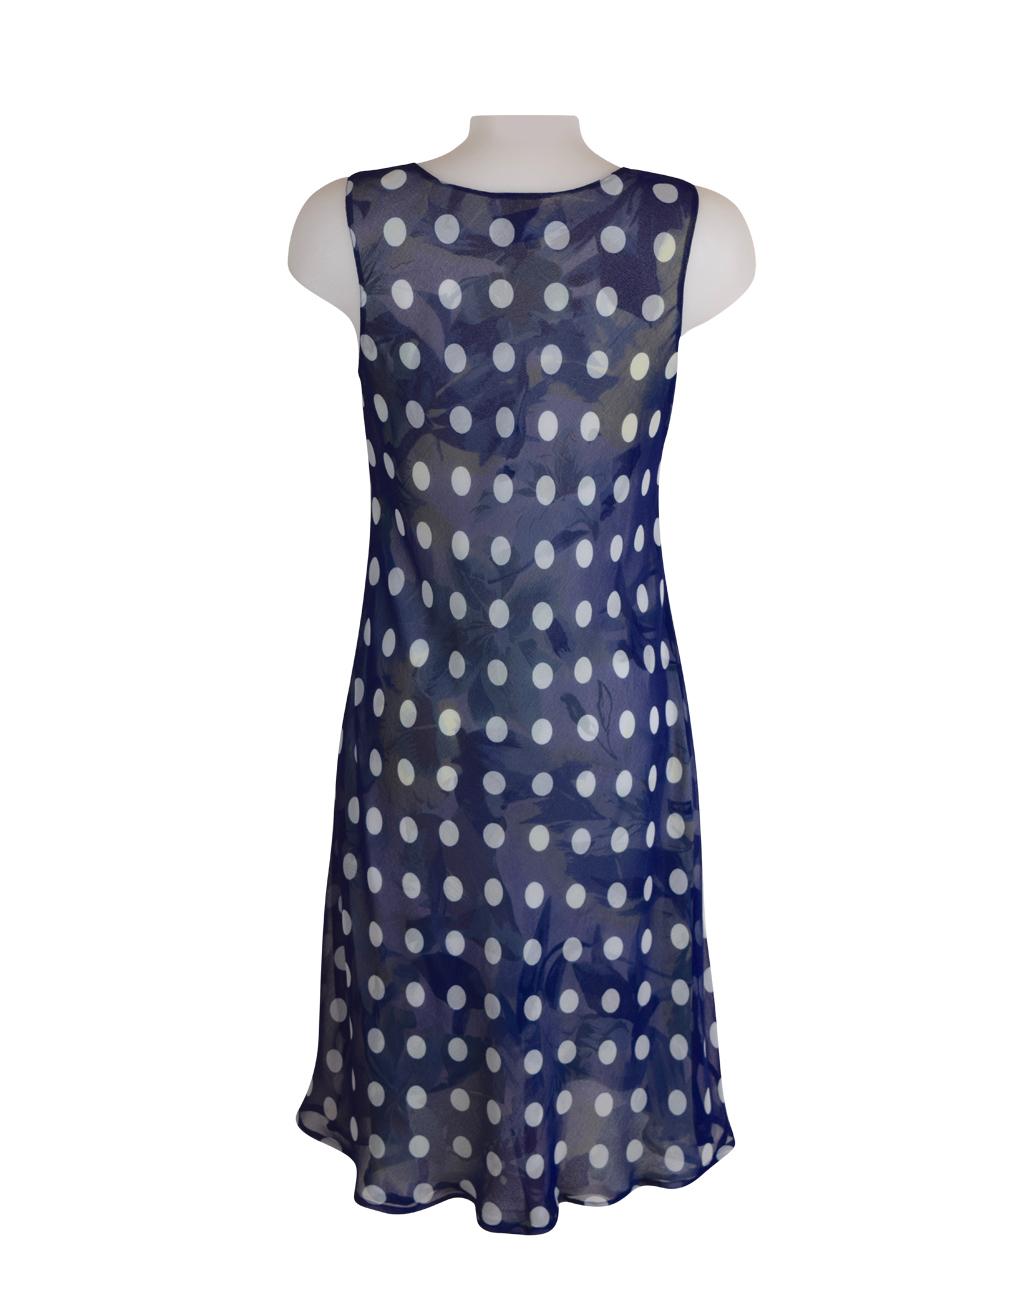 DSC_0783 Paramour Reversible 2 In 1 Sleeveless Dress Navy & White Polka Dot / Floral C